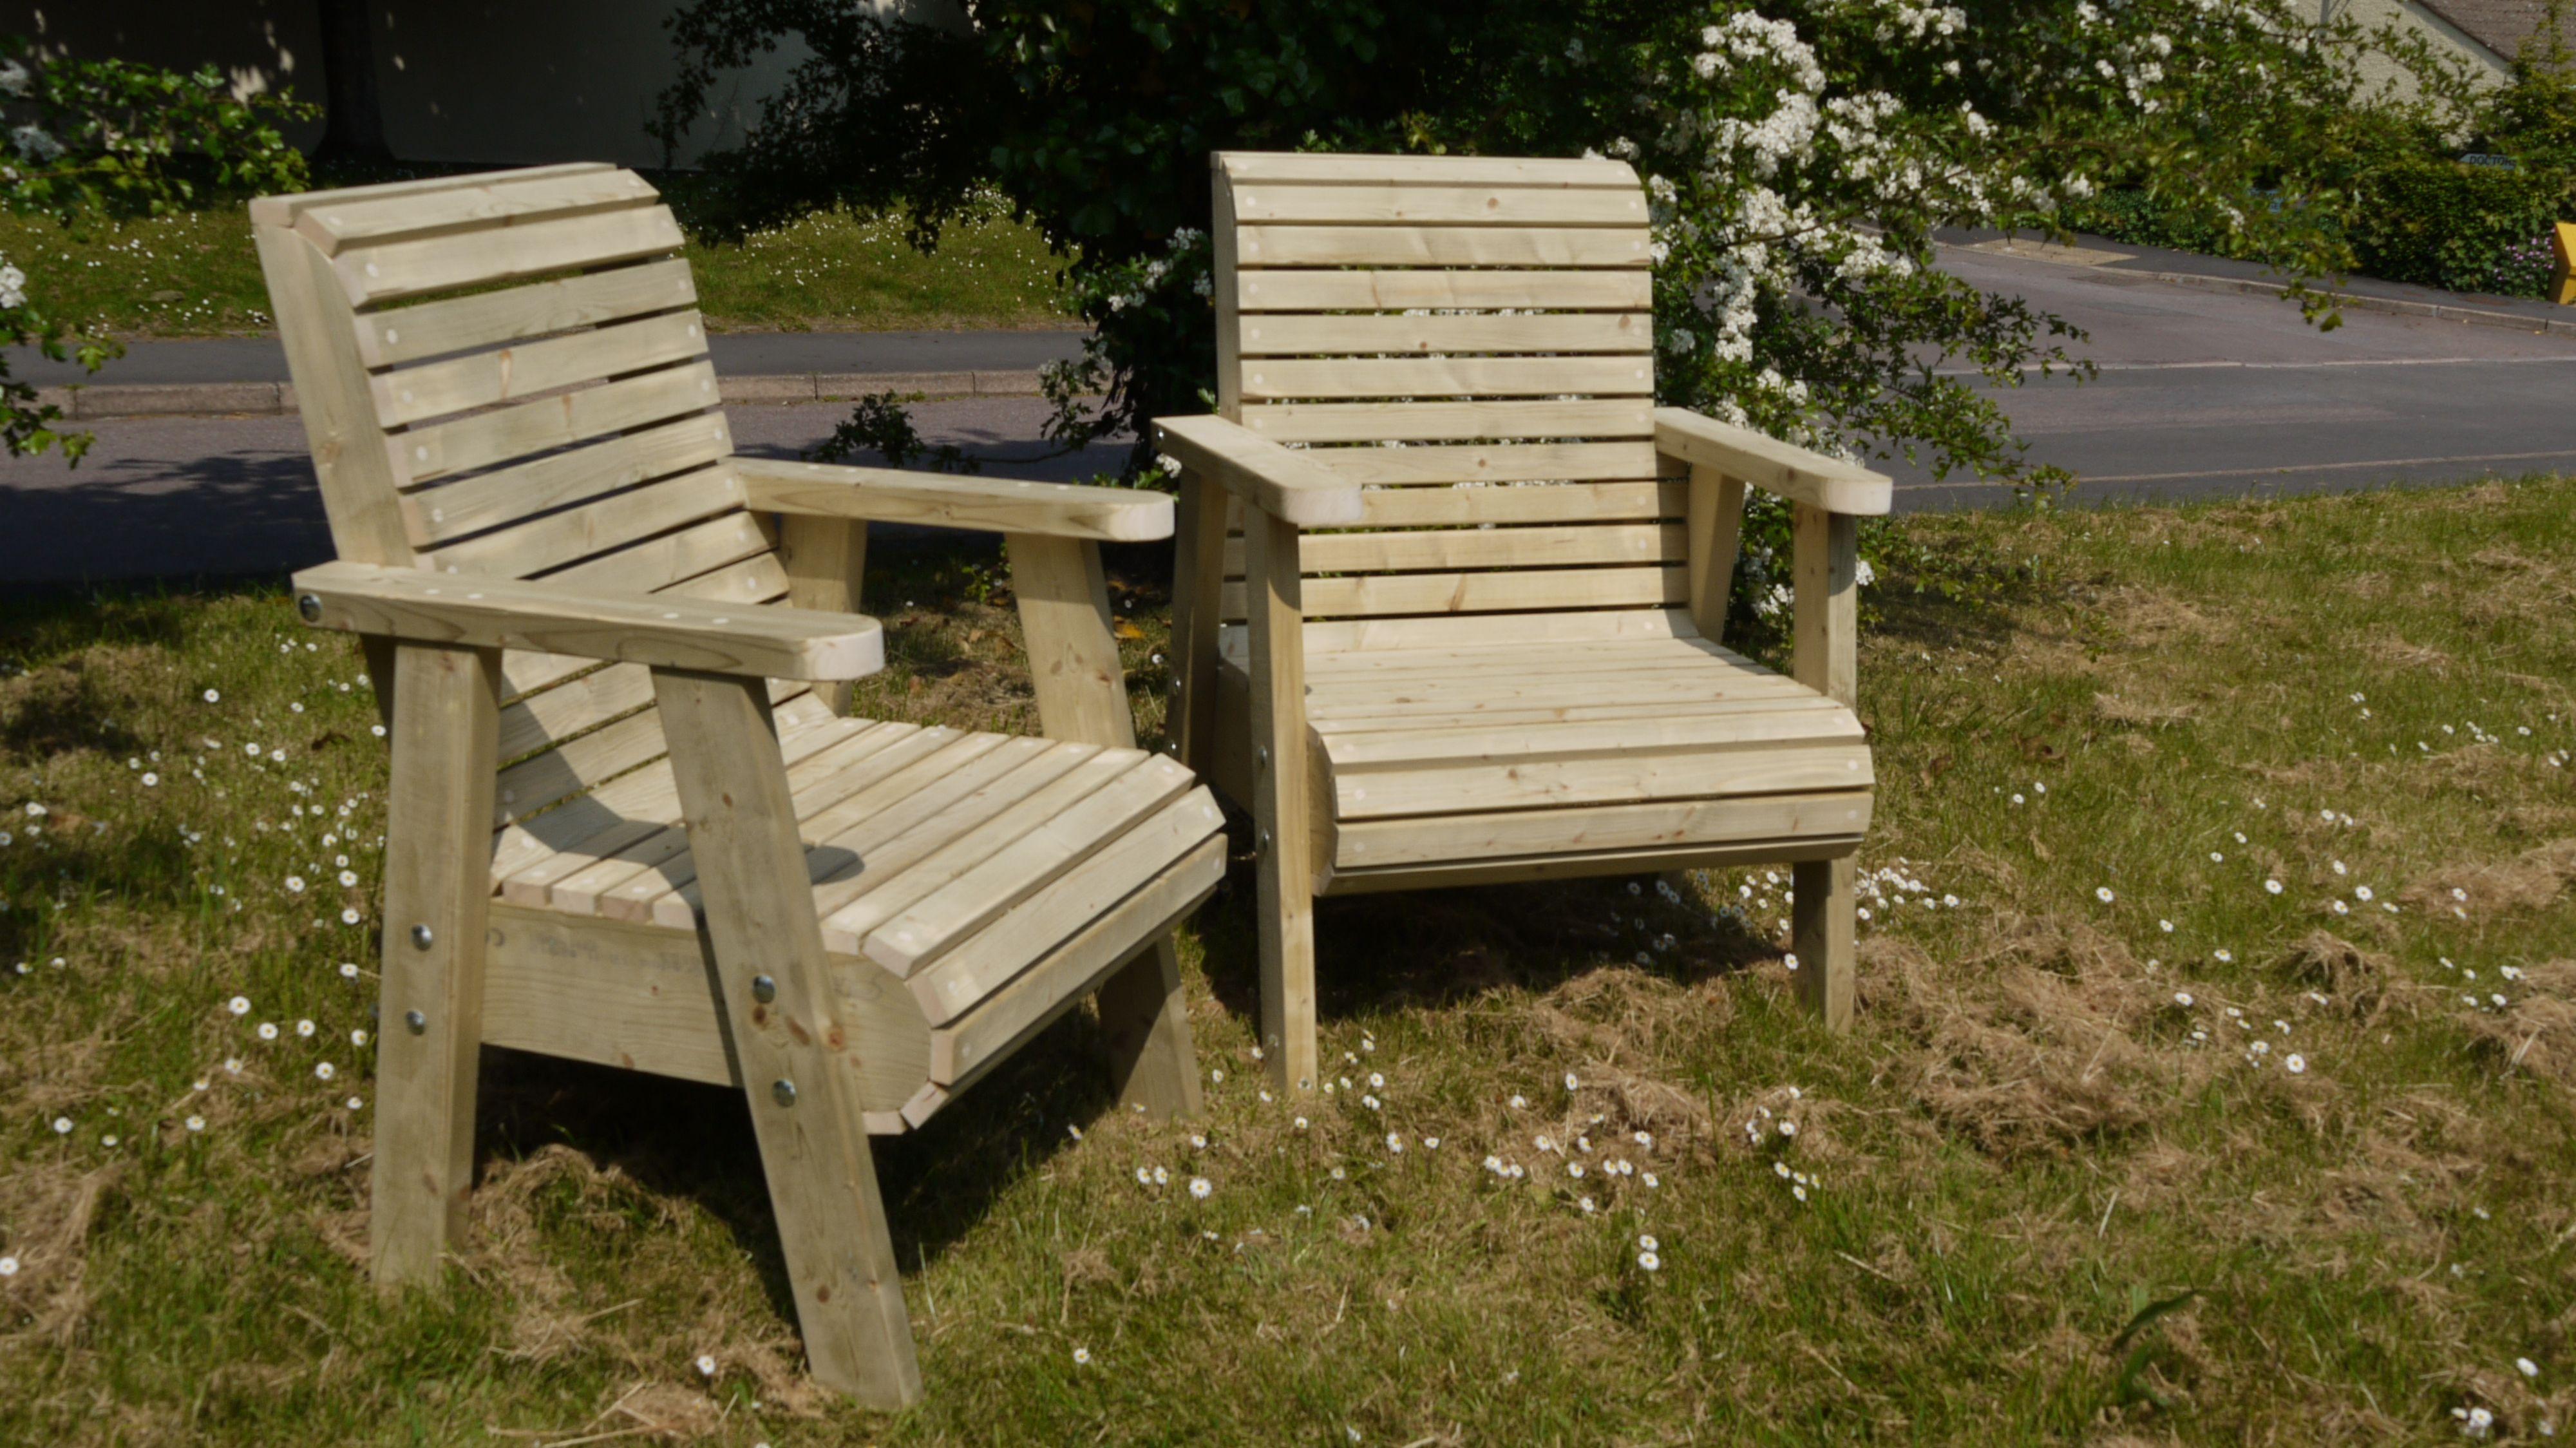 Sunbrella Mobel Klein Garten Mit Tisch Und Stuhlen Hof Mobel